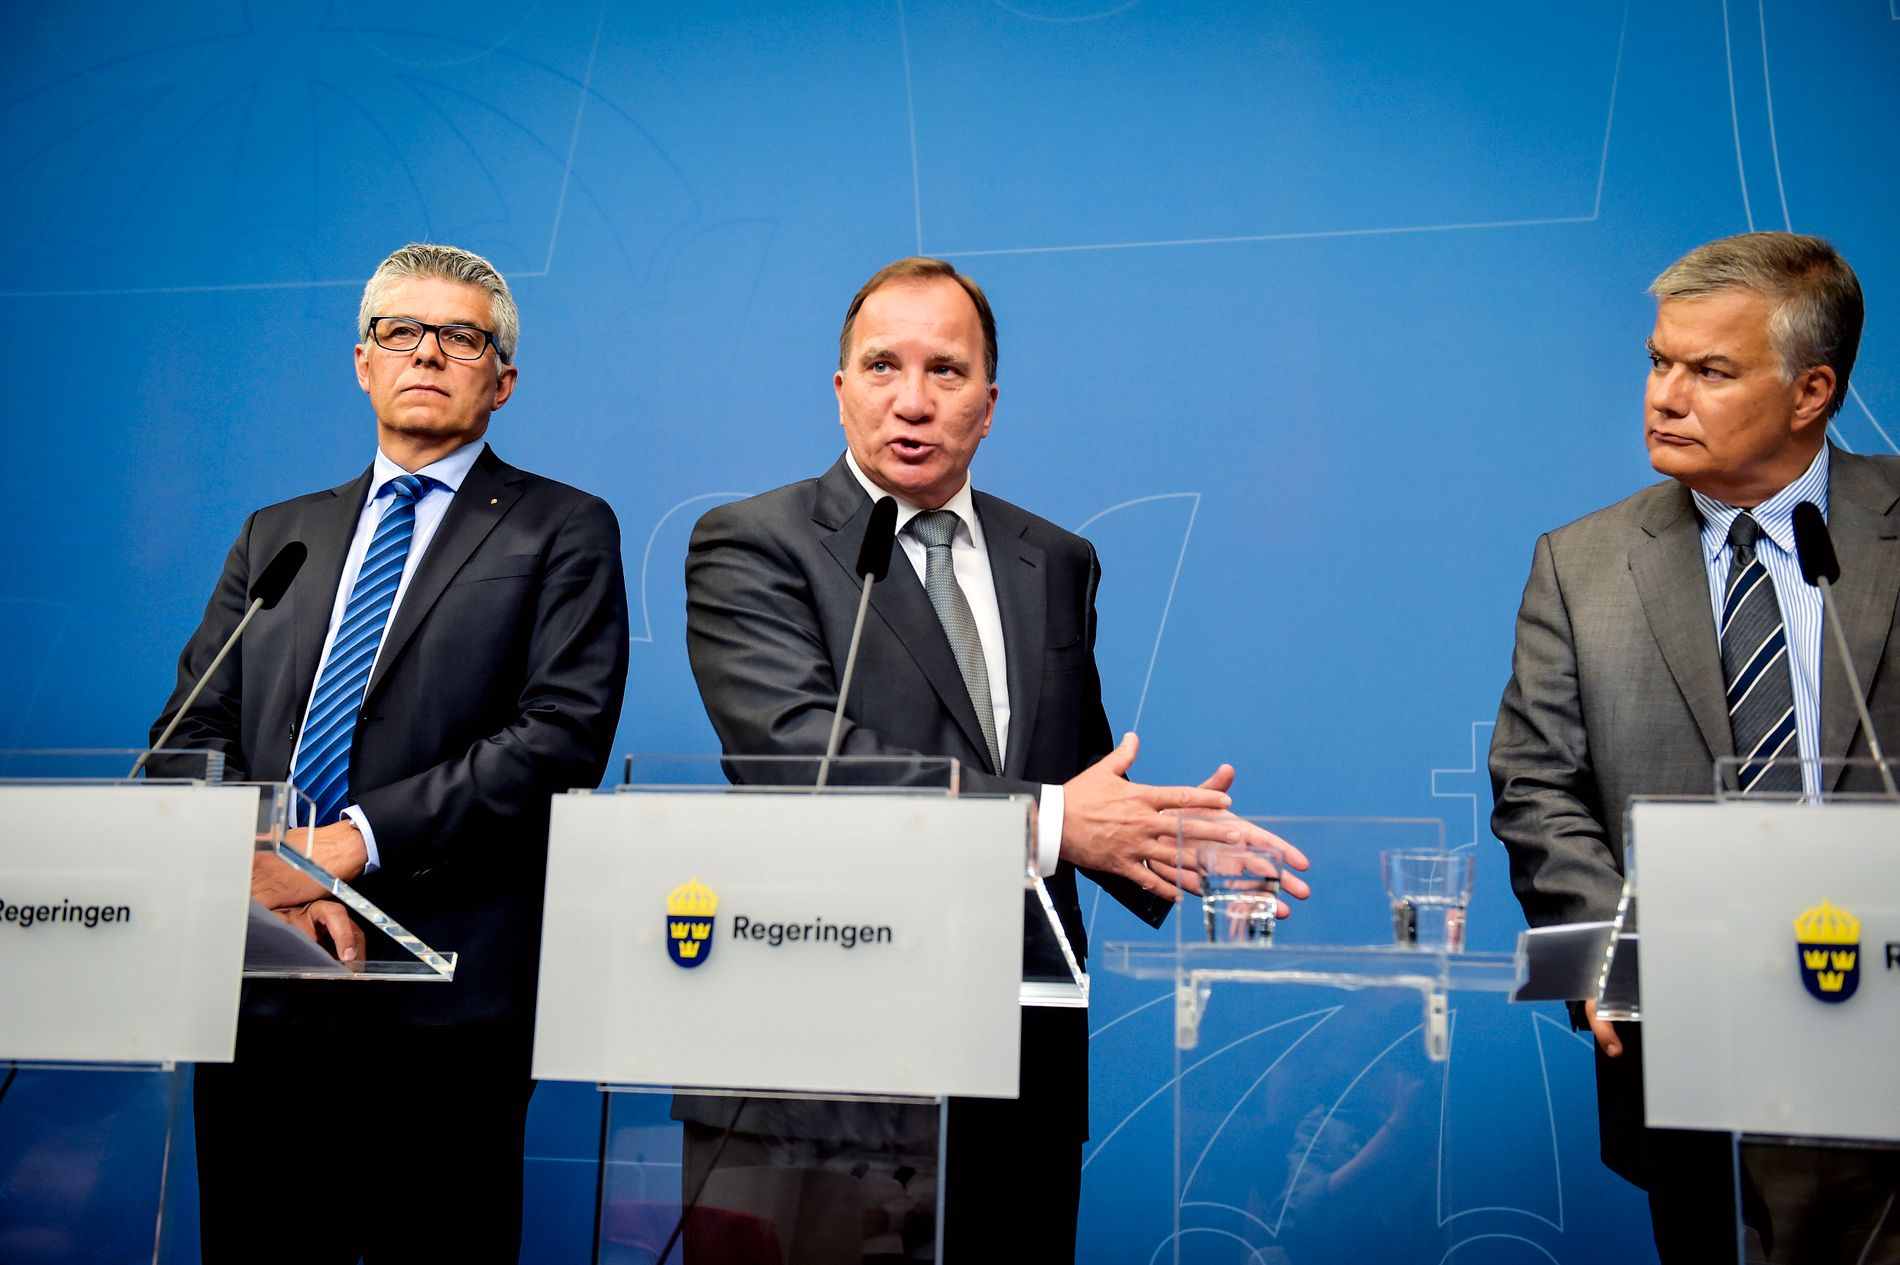 ENNÅ STATSMINISTER: Sveriges statsminister Stefan Löfven (i midten), SÄPO-sjef Anders Thornberg (t.v.), og Jonas Bjelfvenstam, generaldirektør i Transportstyrelsen (t.h.) har de siste dagene måtte svare for seg etter at det ble kjent at sensitiv informasjon kan ha kommet på avveie til utlandet.